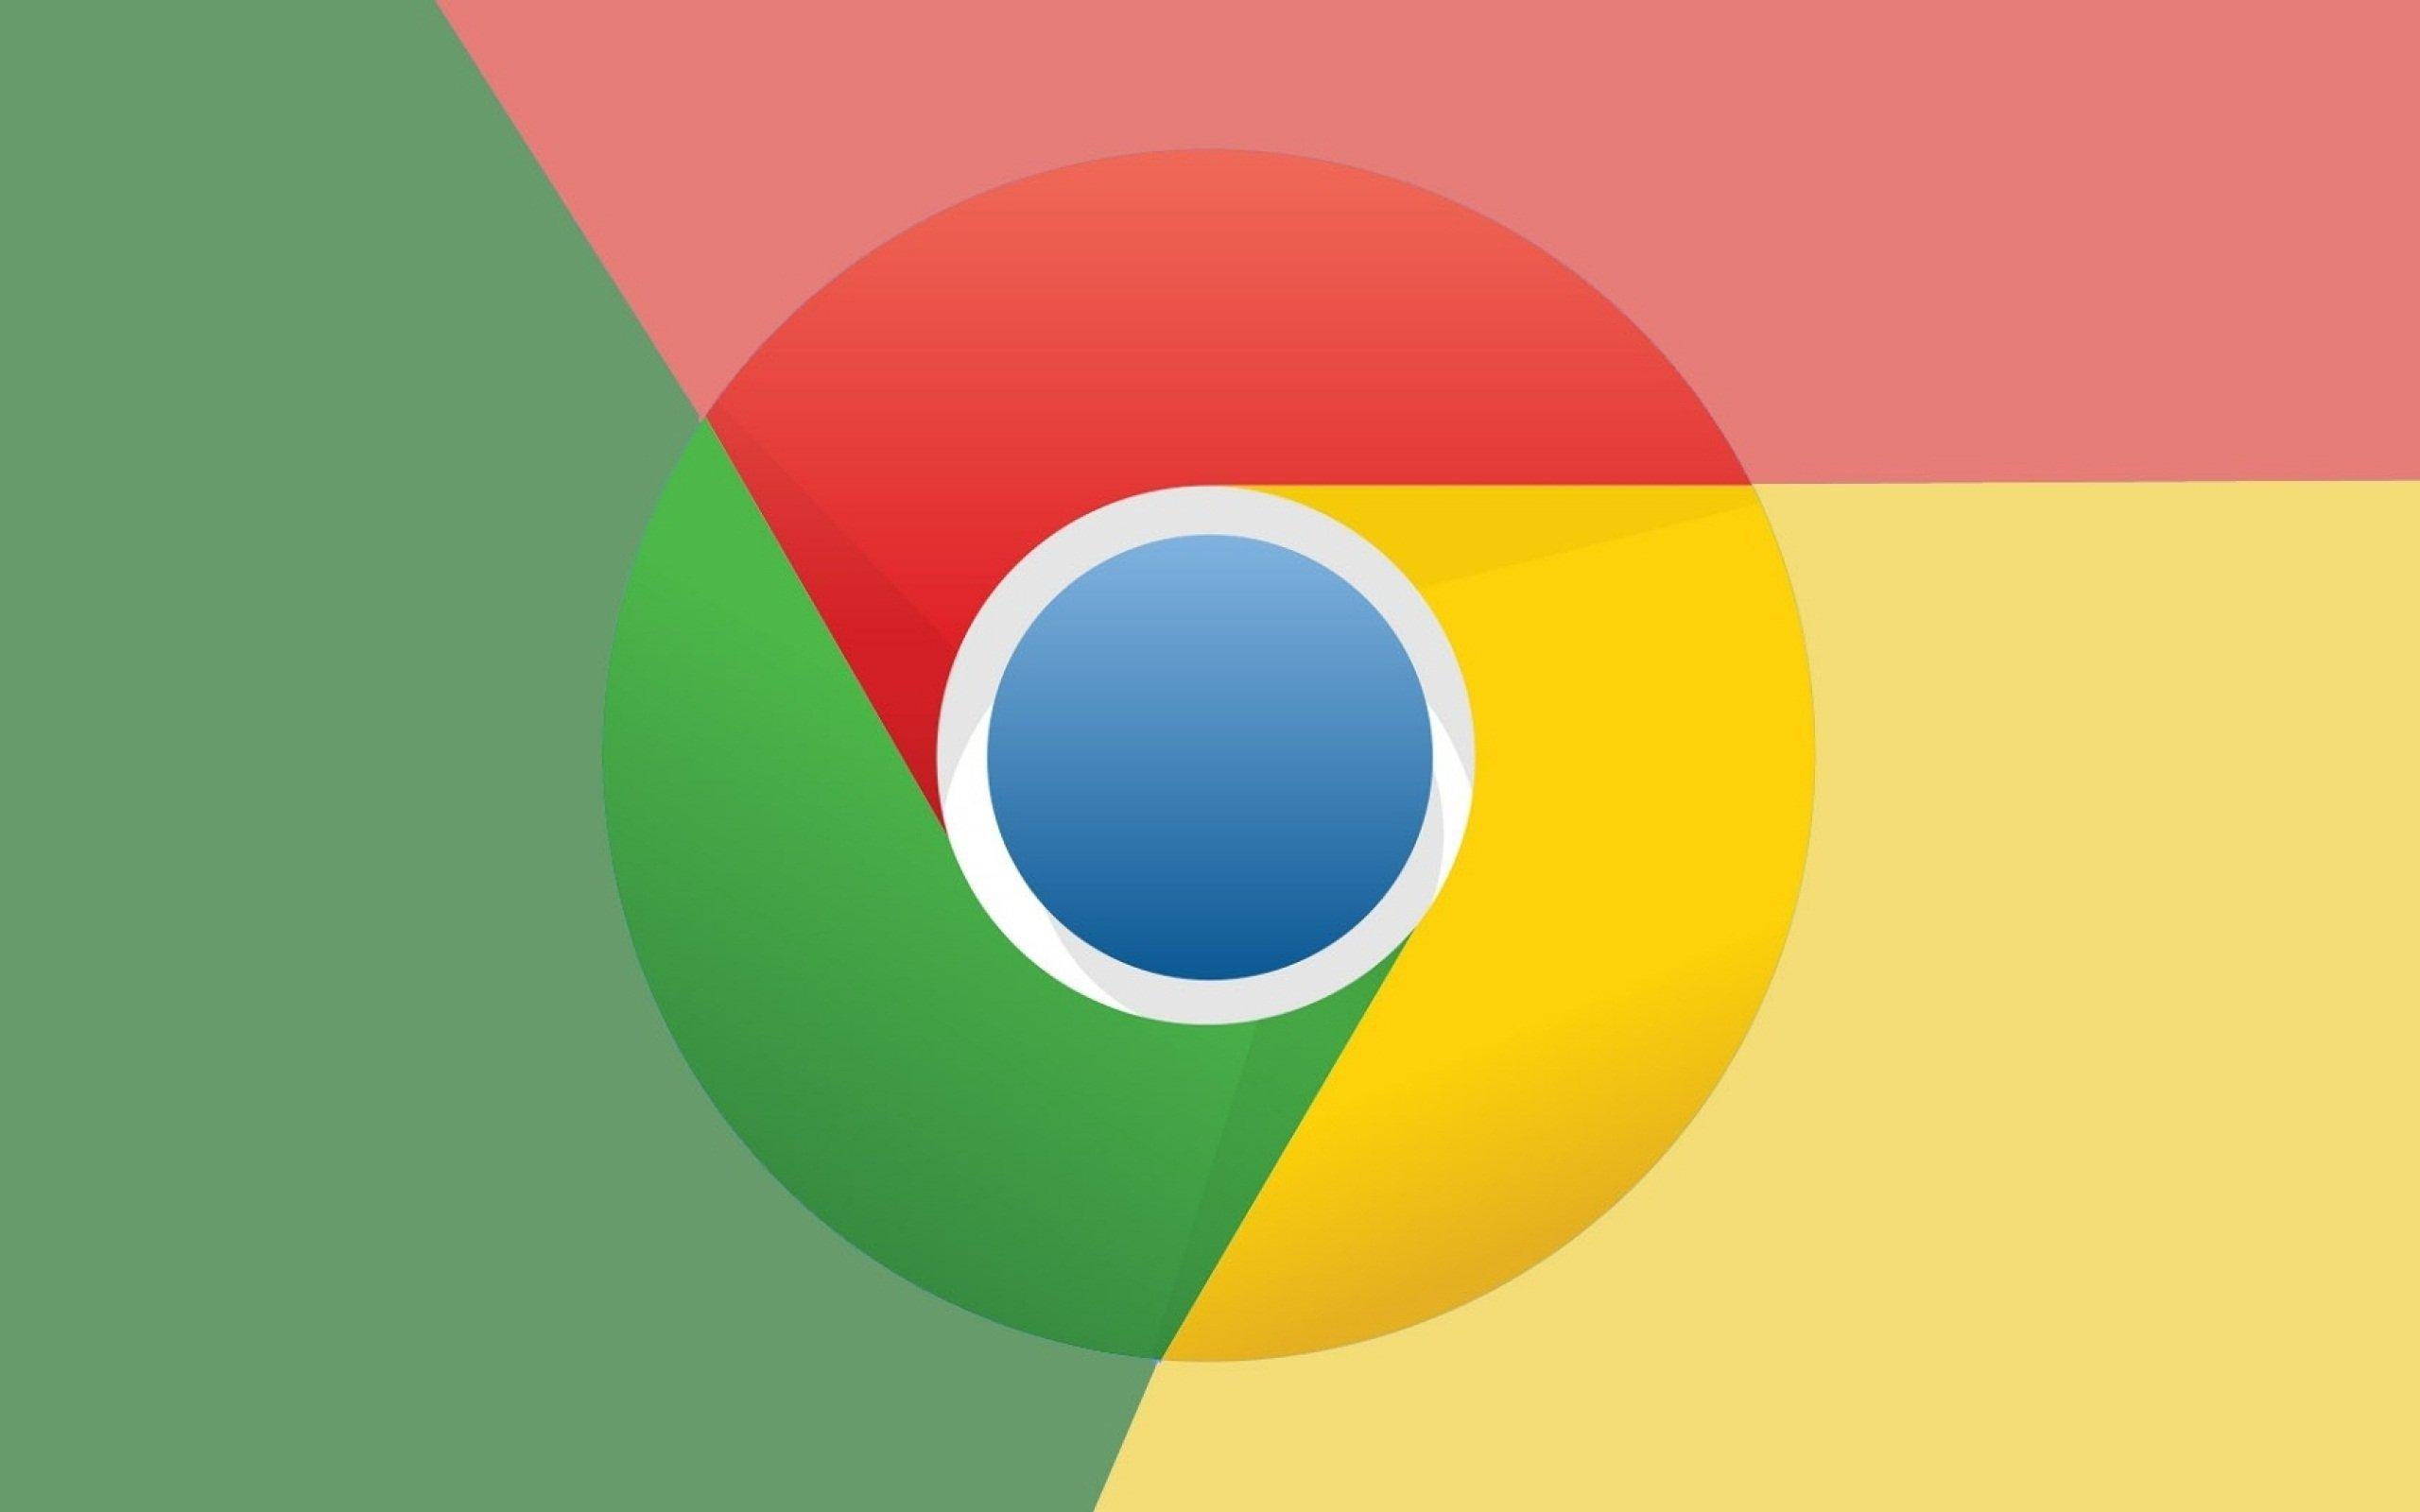 Google chrome themes yellow - Chrome